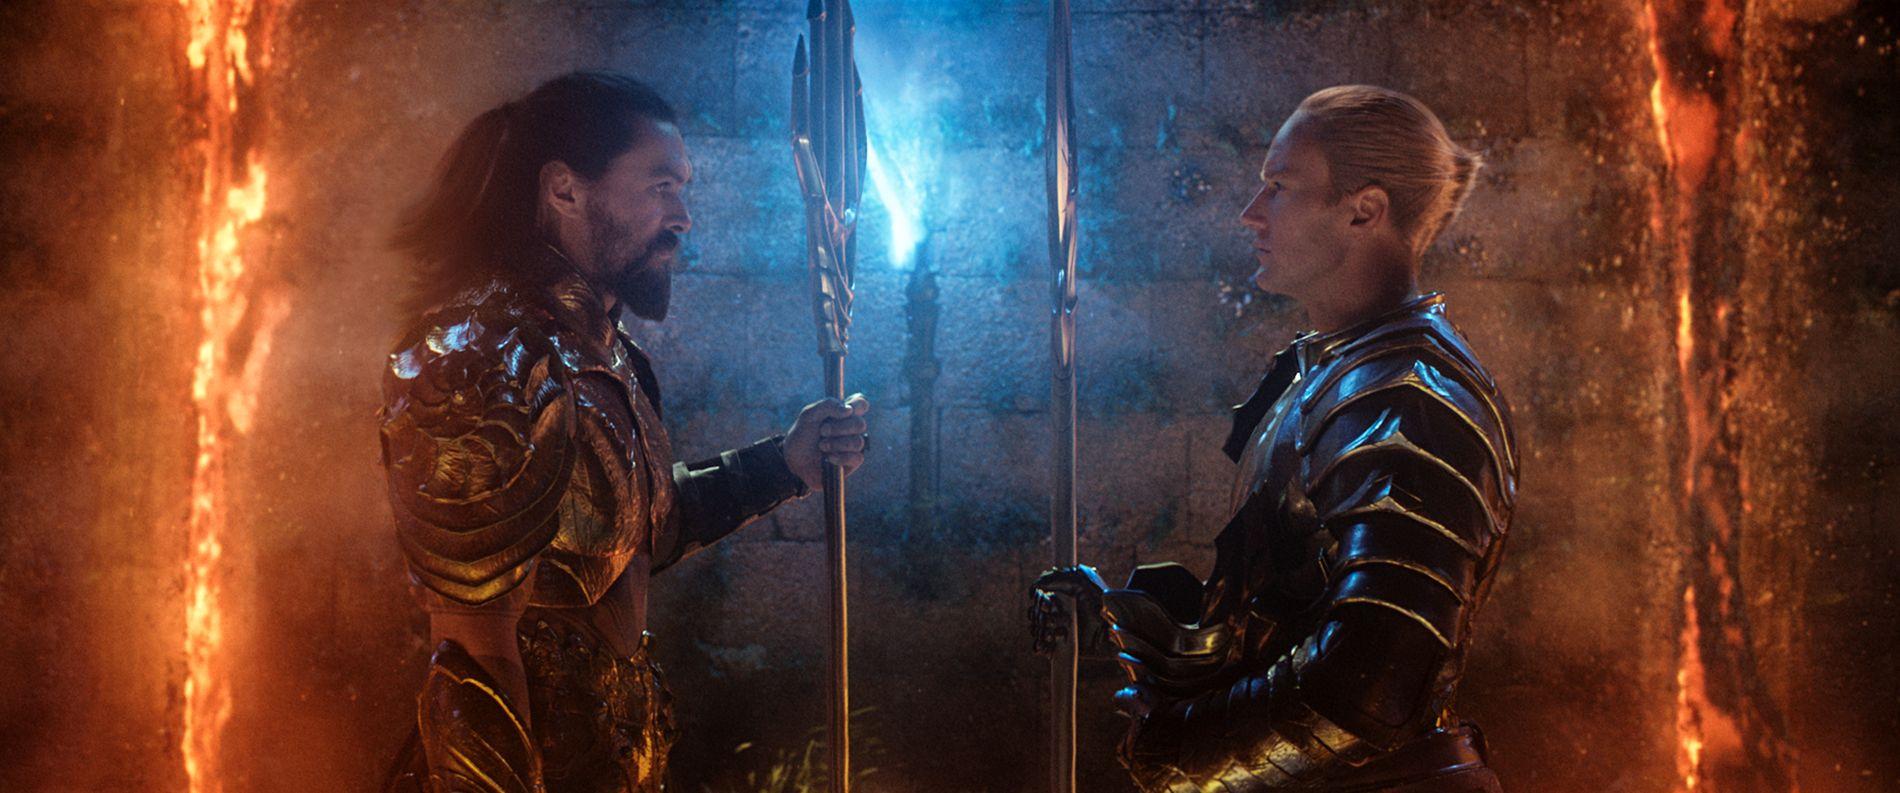 BITTERT FORHOLD: Arthur «Aquaman» stilles til veggs av sin halvbror «Orm», som sliter med å akseptere broren som en ekte havmann.